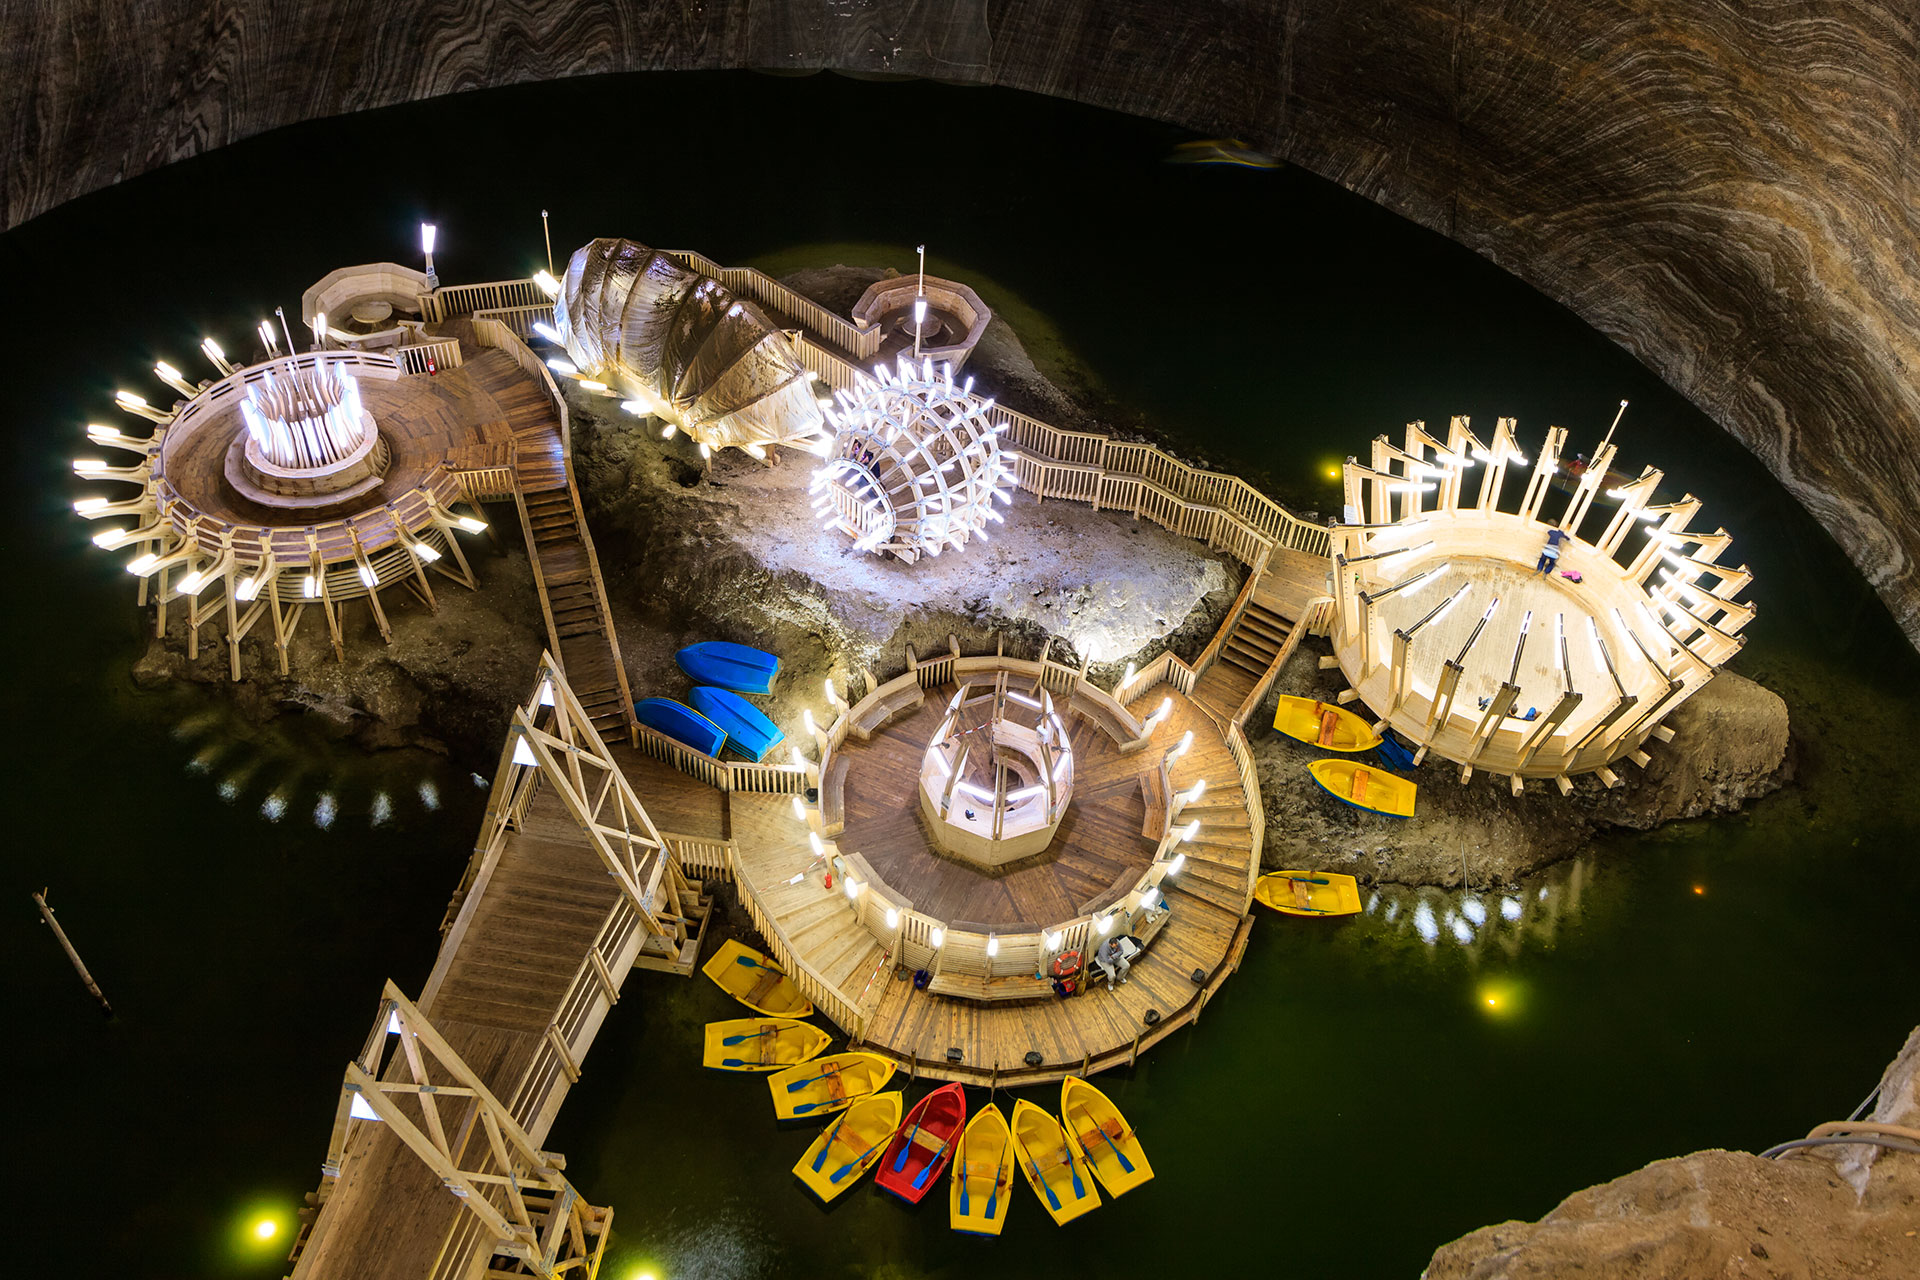 La mina finalmente cerró en 1932. Hoy en su lugar se ubica el fascinante parque temático Salina Turda